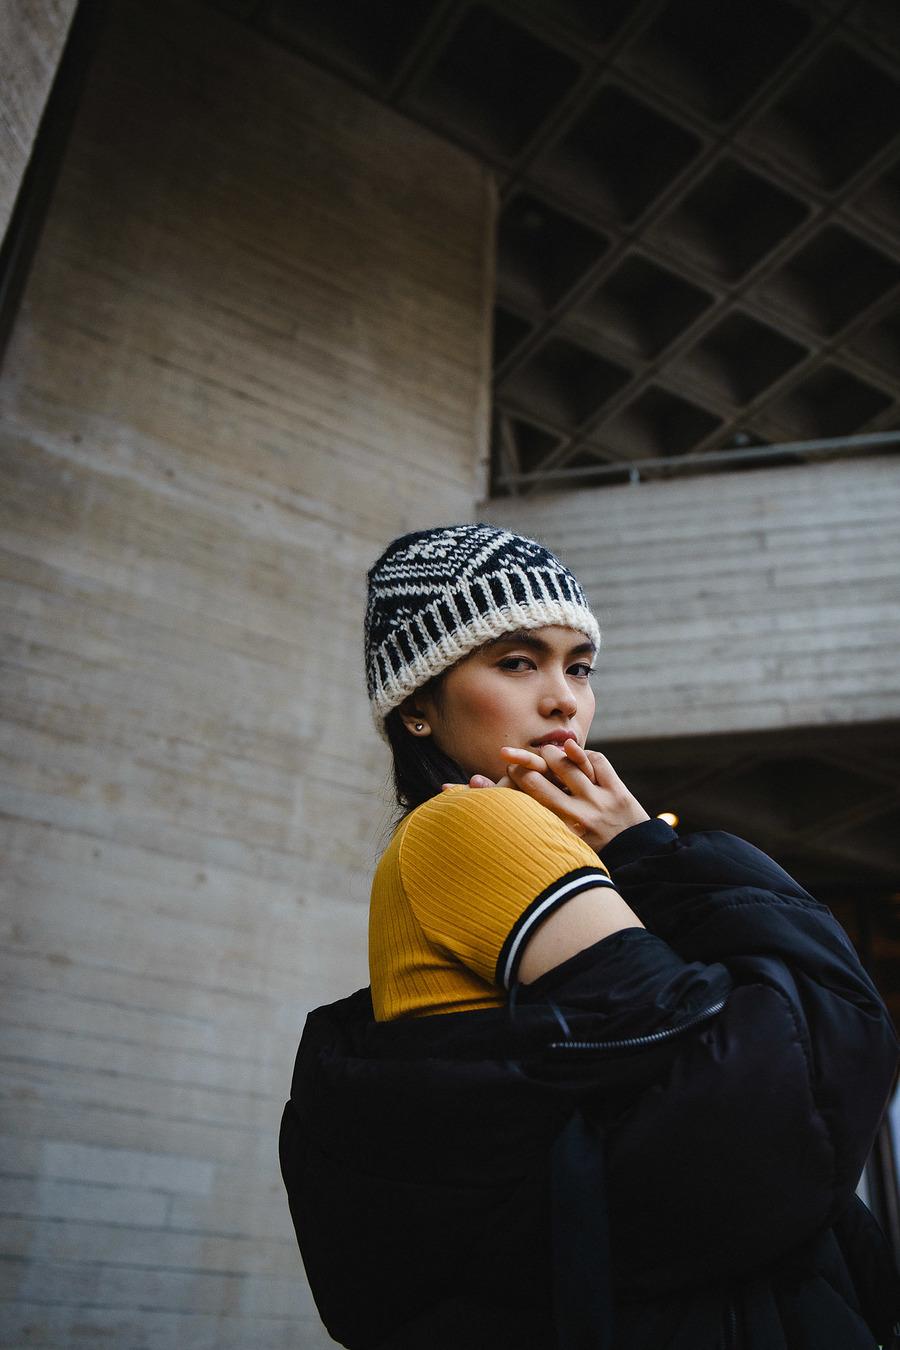 Kazu, South Bank, London 2020 / Photography by stefanoboski / Uploaded 18th January 2021 @ 10:19 AM